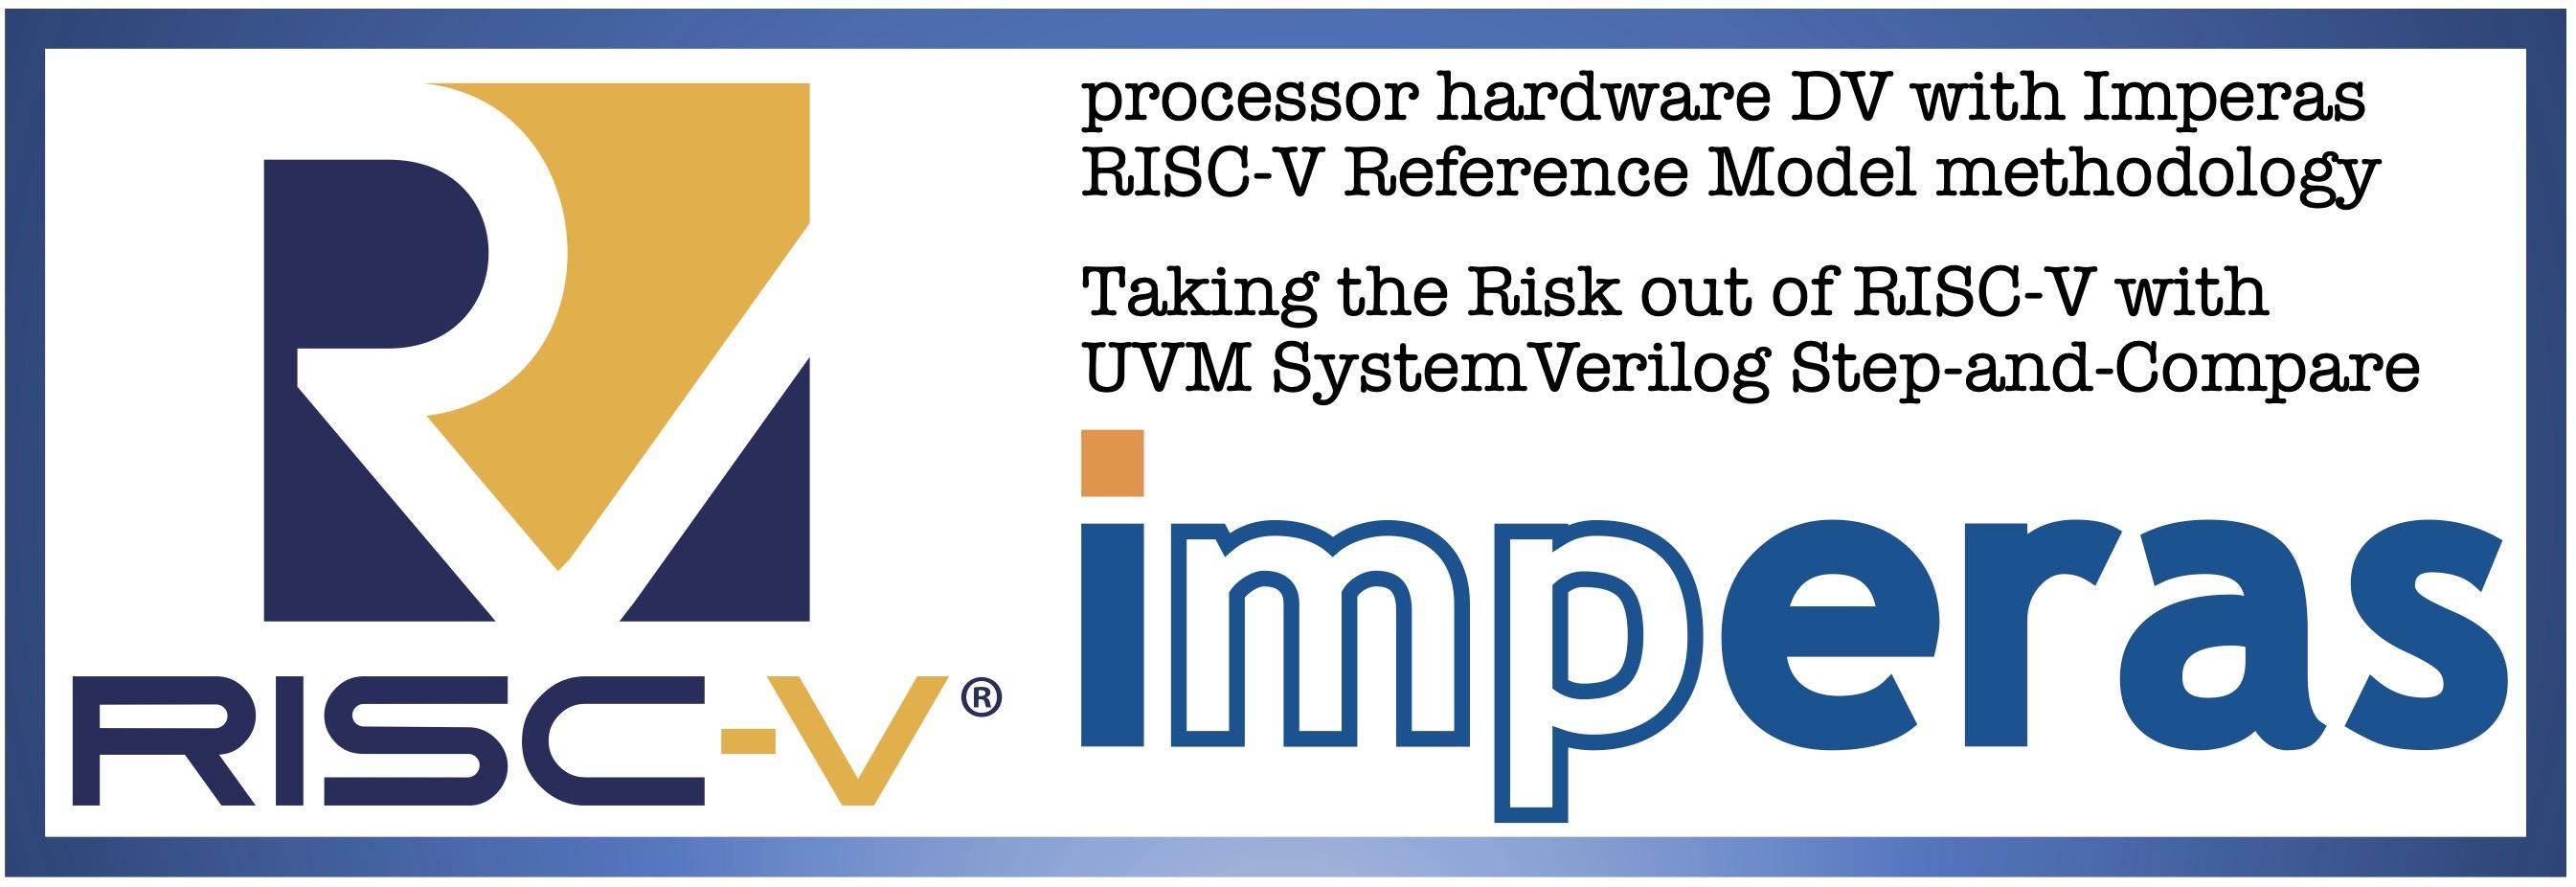 RISC-V DV